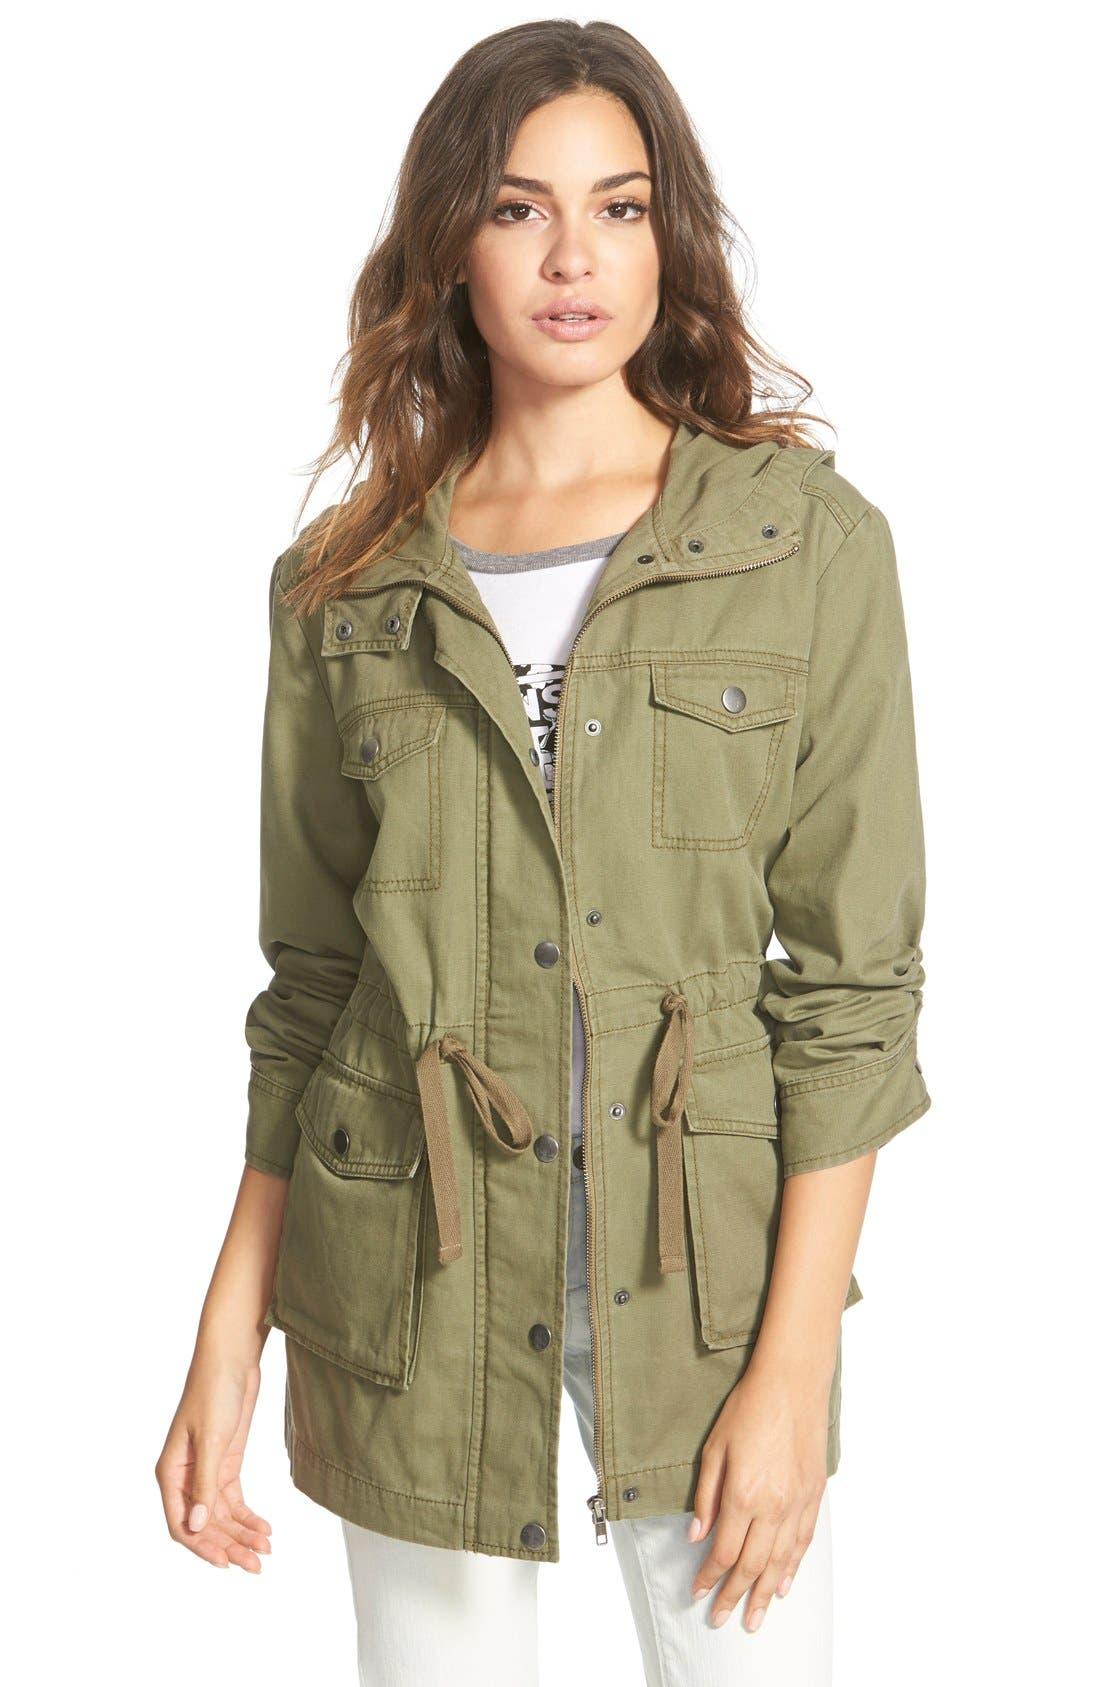 Alternate Image 1 Selected - BP. Hooded Field Jacket